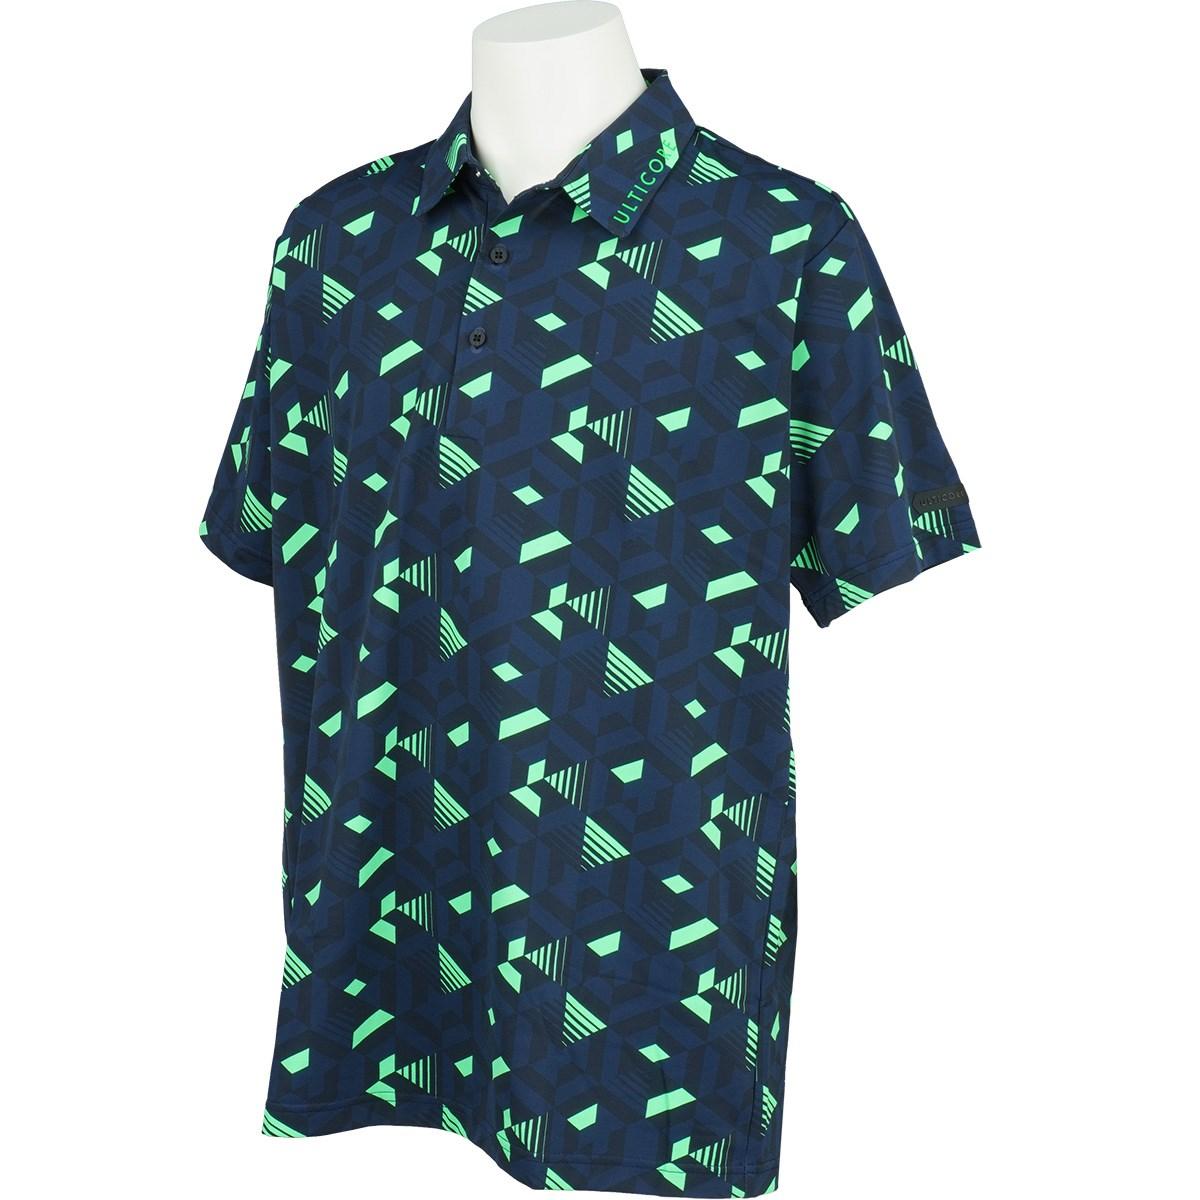 ブリヂストン(BRIDGESTONE GOLF) 3D解析 半袖共衿ポロシャツ